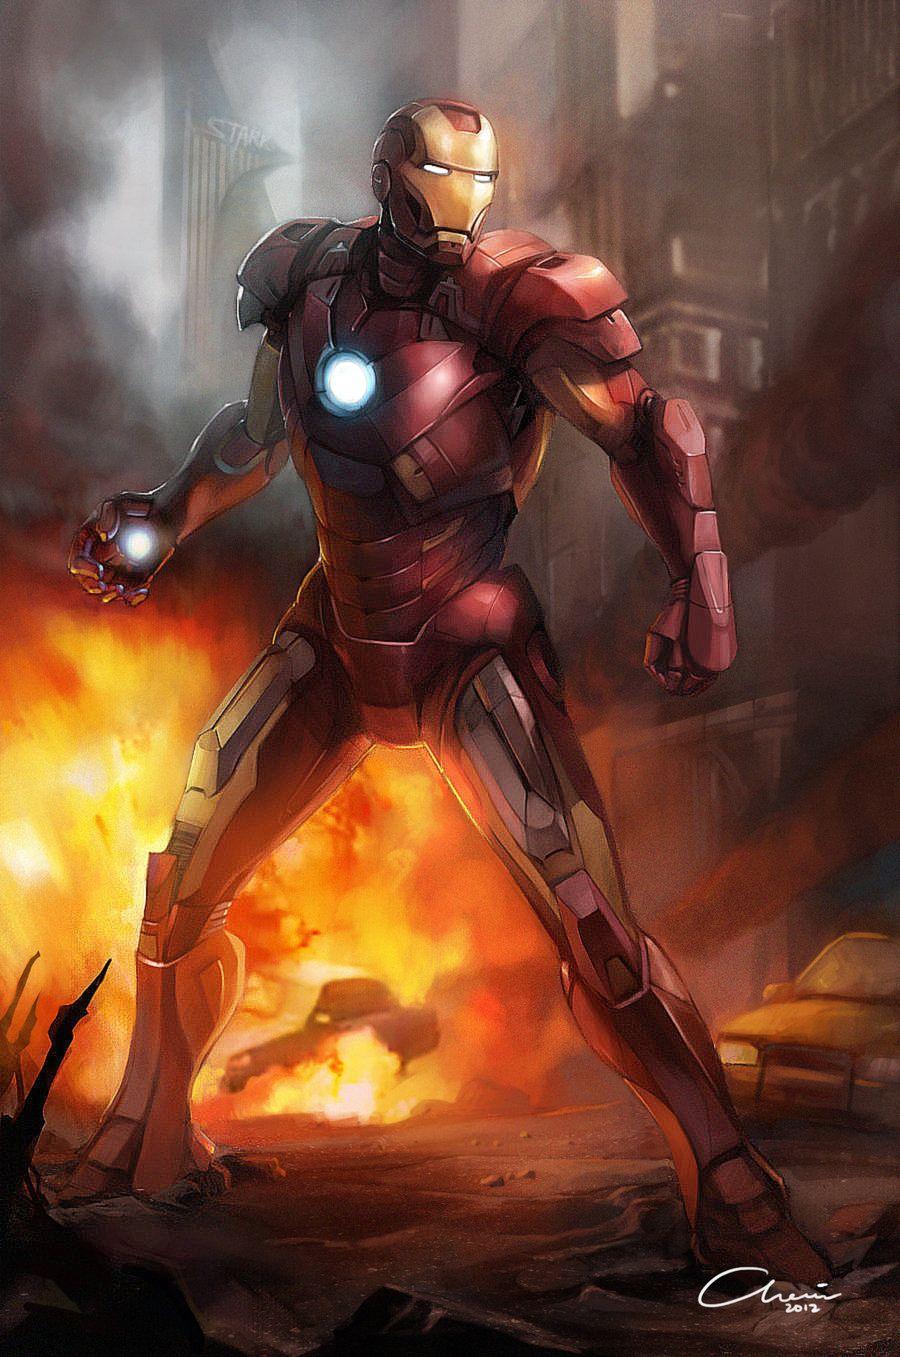 Ironman Mark 7 by Chairgoh.deviantart.com on @deviantART ...